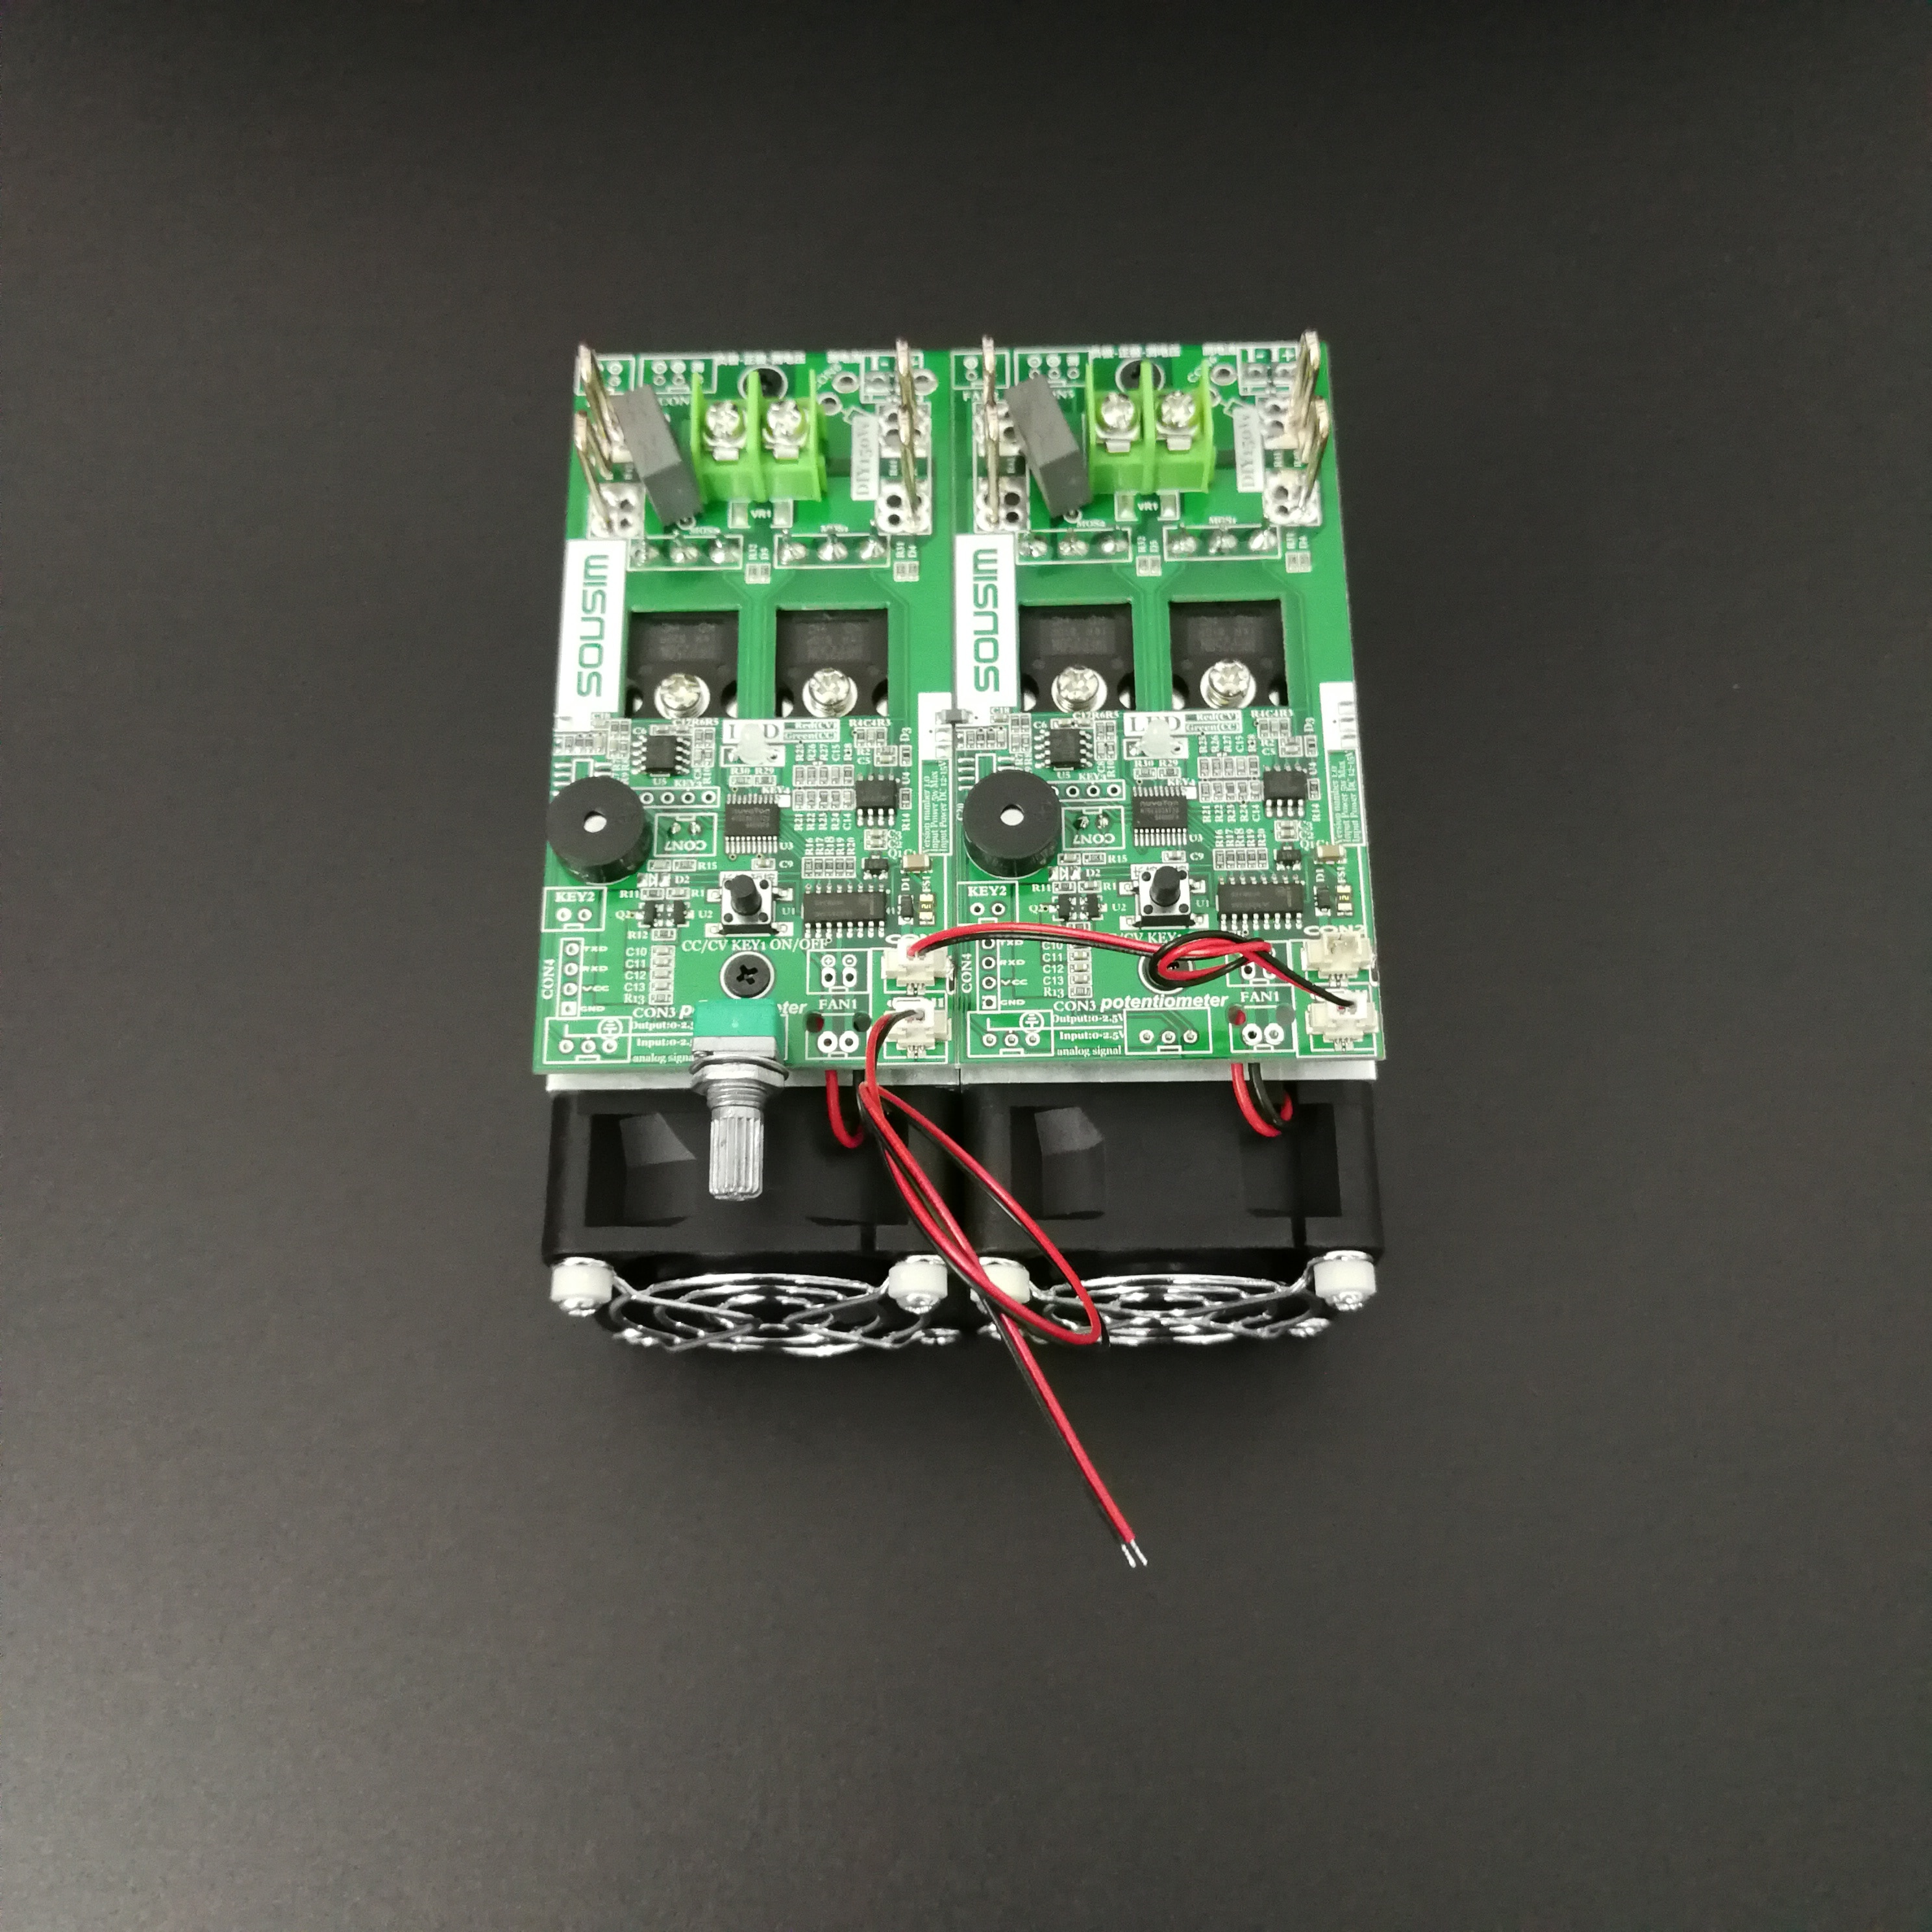 Carga electrónica resistencia de envejecimiento carga de voltaje constante carga de corriente constante carga ajustable Patriot Diy300w